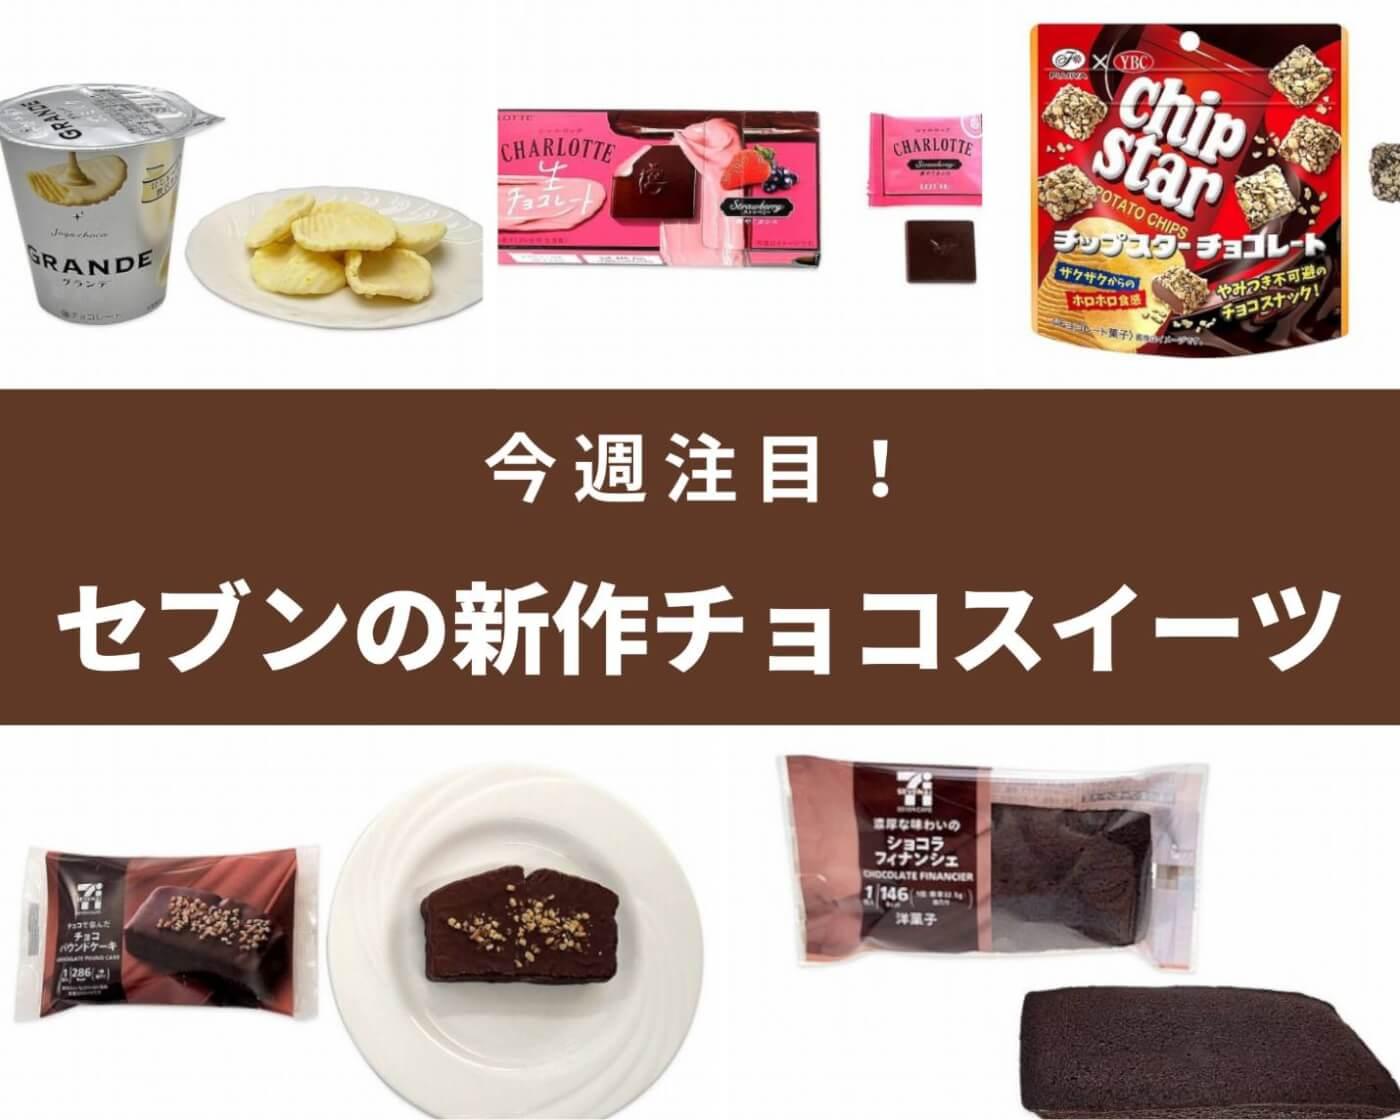 【セブン-イレブン】今週はチョコ系新商品が豊富♪チョコのお菓子&スイーツ5選